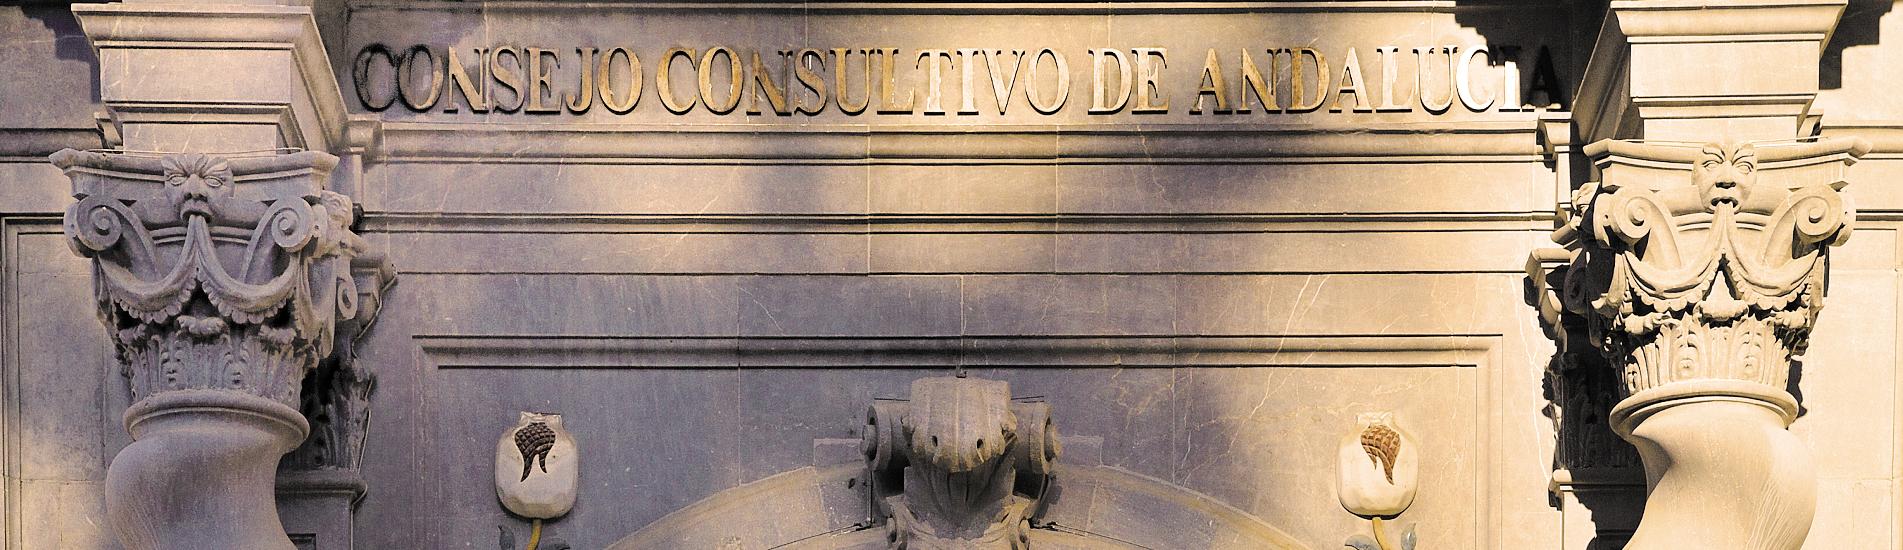 Friso Del Consejo Consultivo de anadalucía